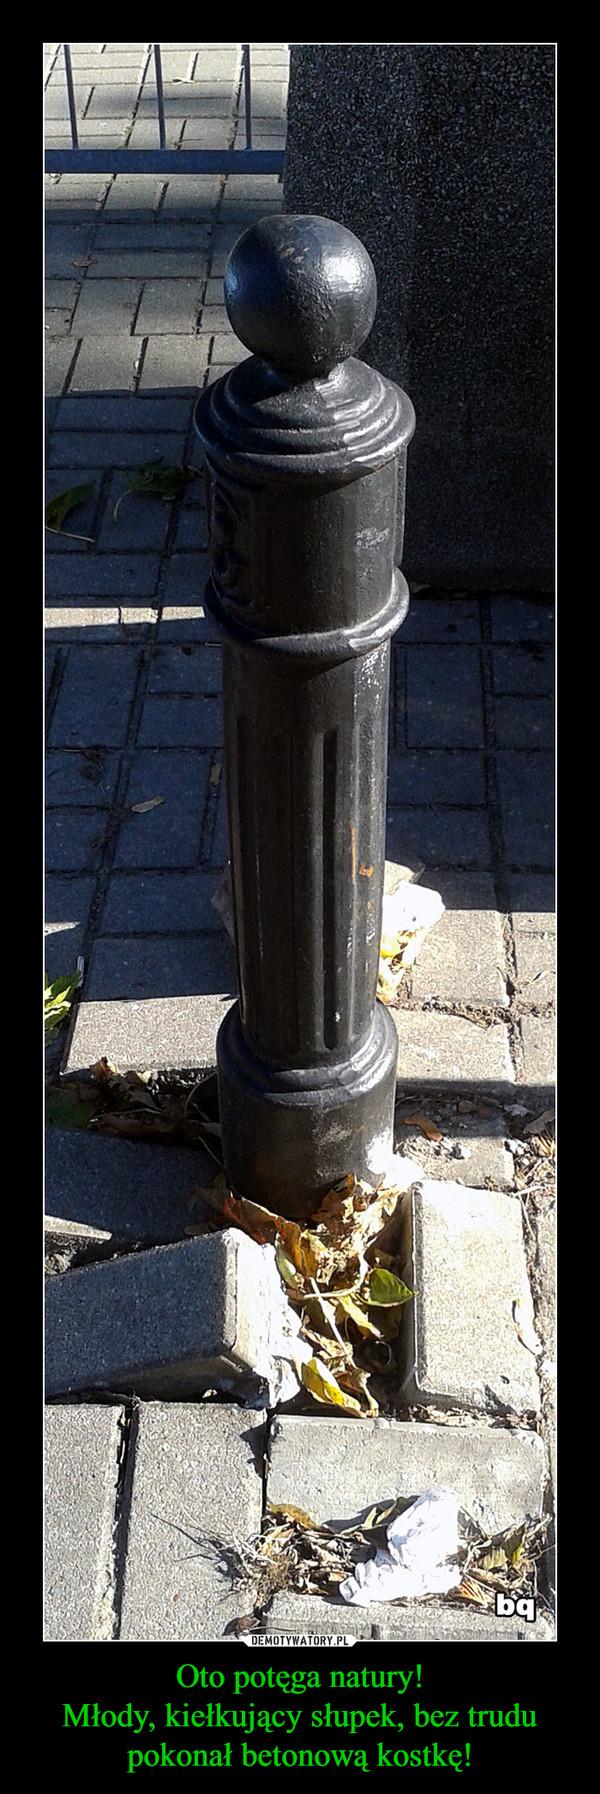 Oto potęga natury!Młody, kiełkujący słupek, bez trudu pokonał betonową kostkę! –